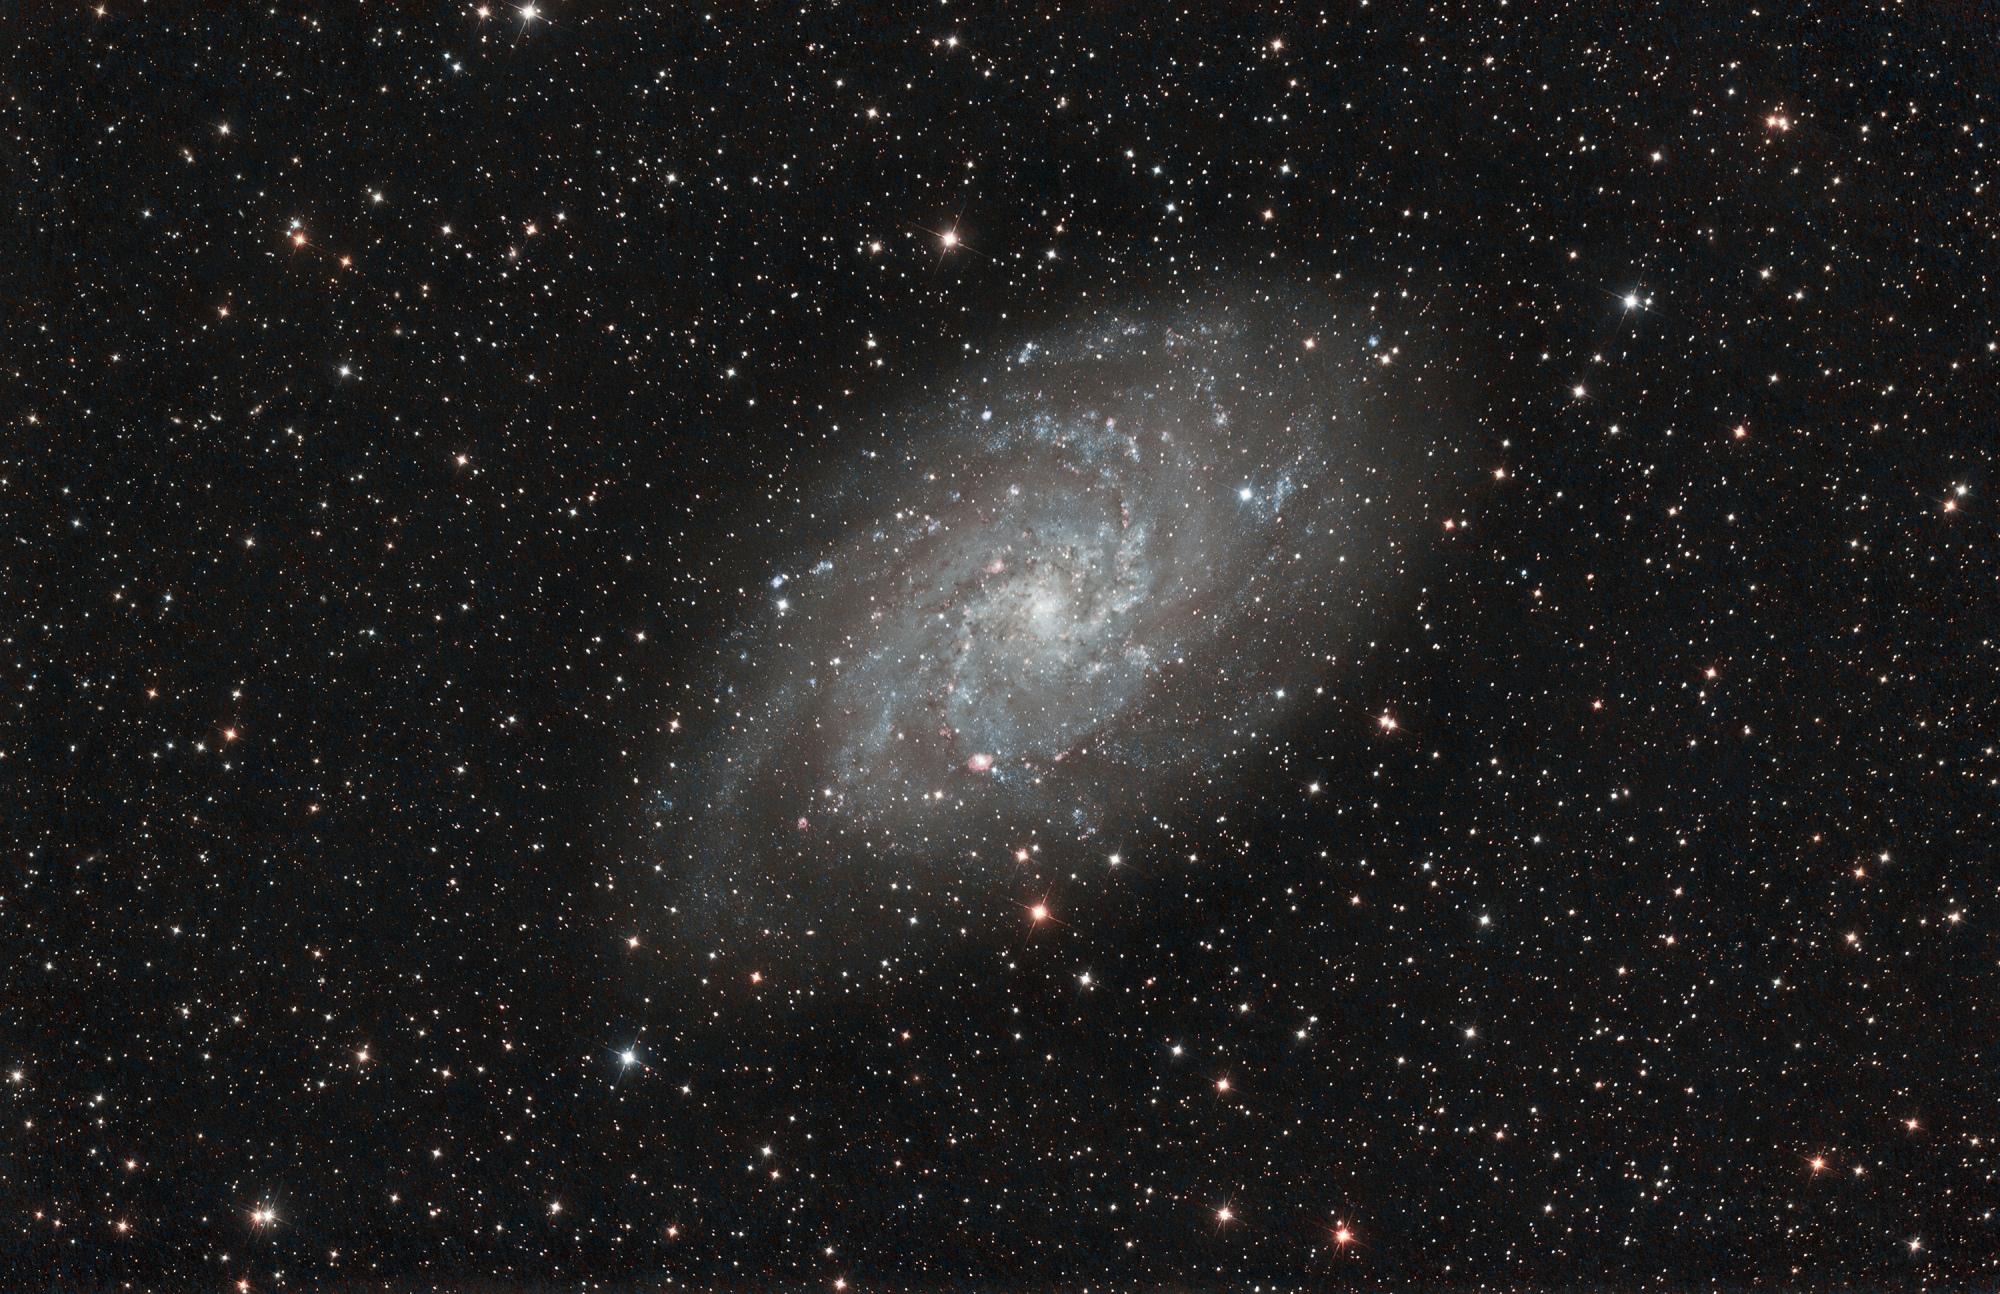 M33_epsilon 250 RVB +HA OIIIbis.jpg